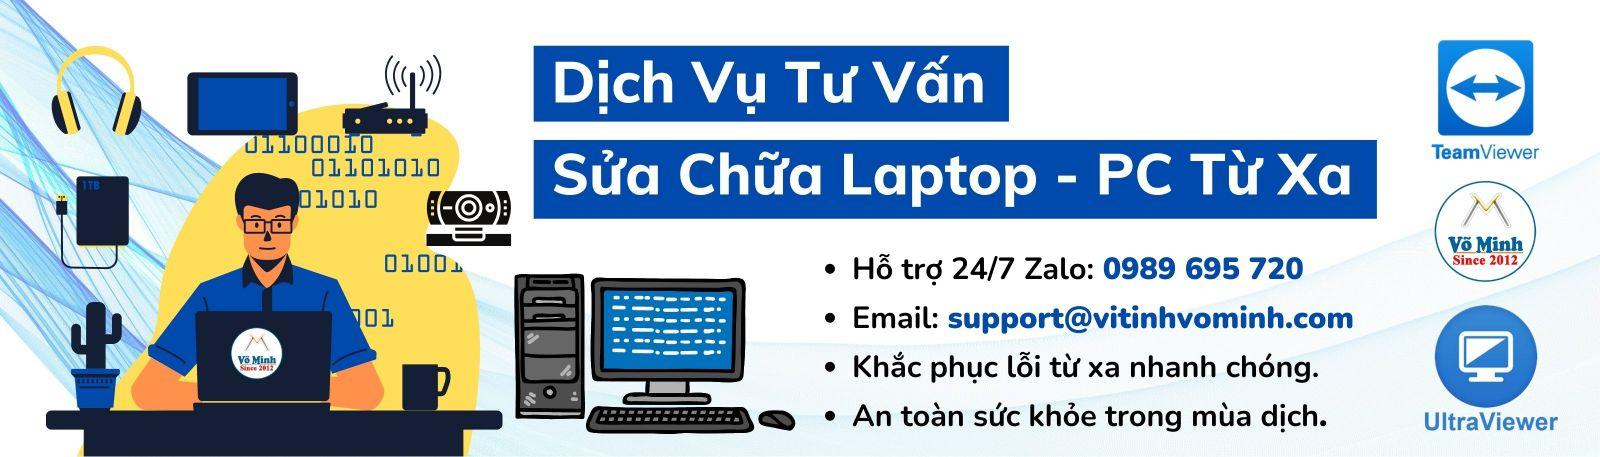 Sửa Laptop PC từ xa (Con)